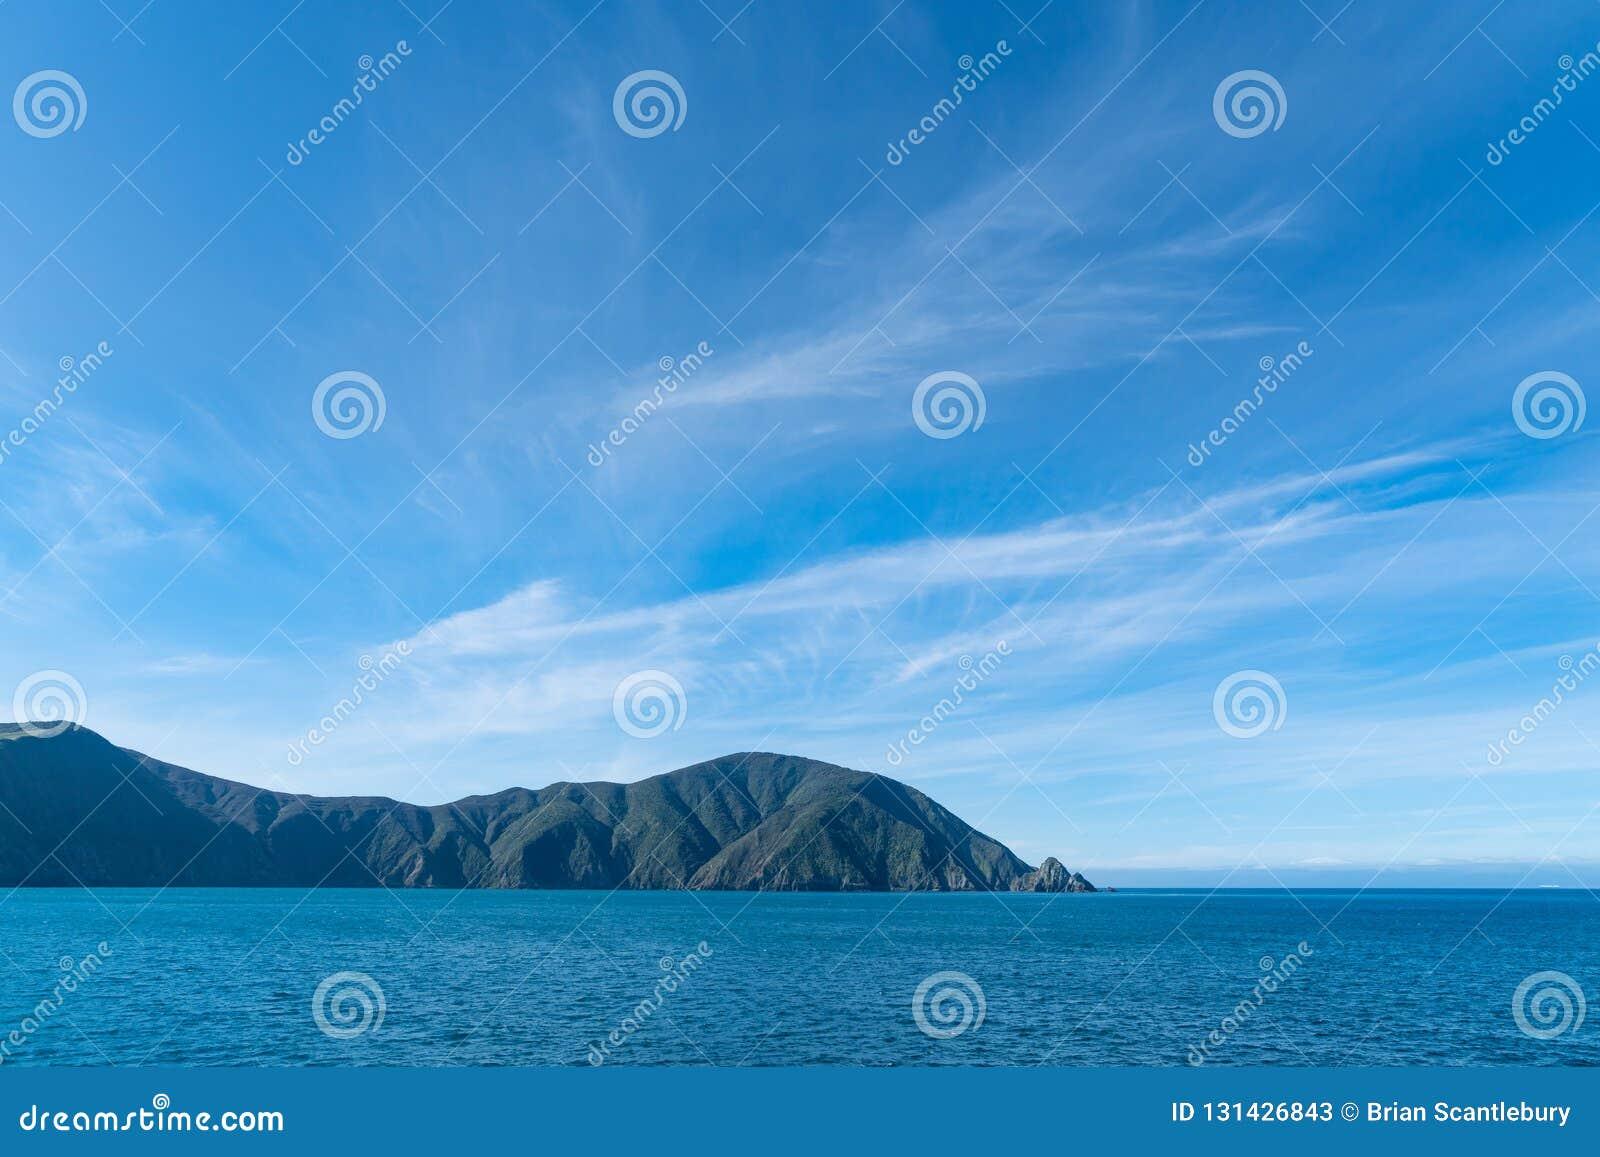 Ombre sulle colline sotto cielo blu con la regina entrante Charlotte Sound della nuvola esile leggera